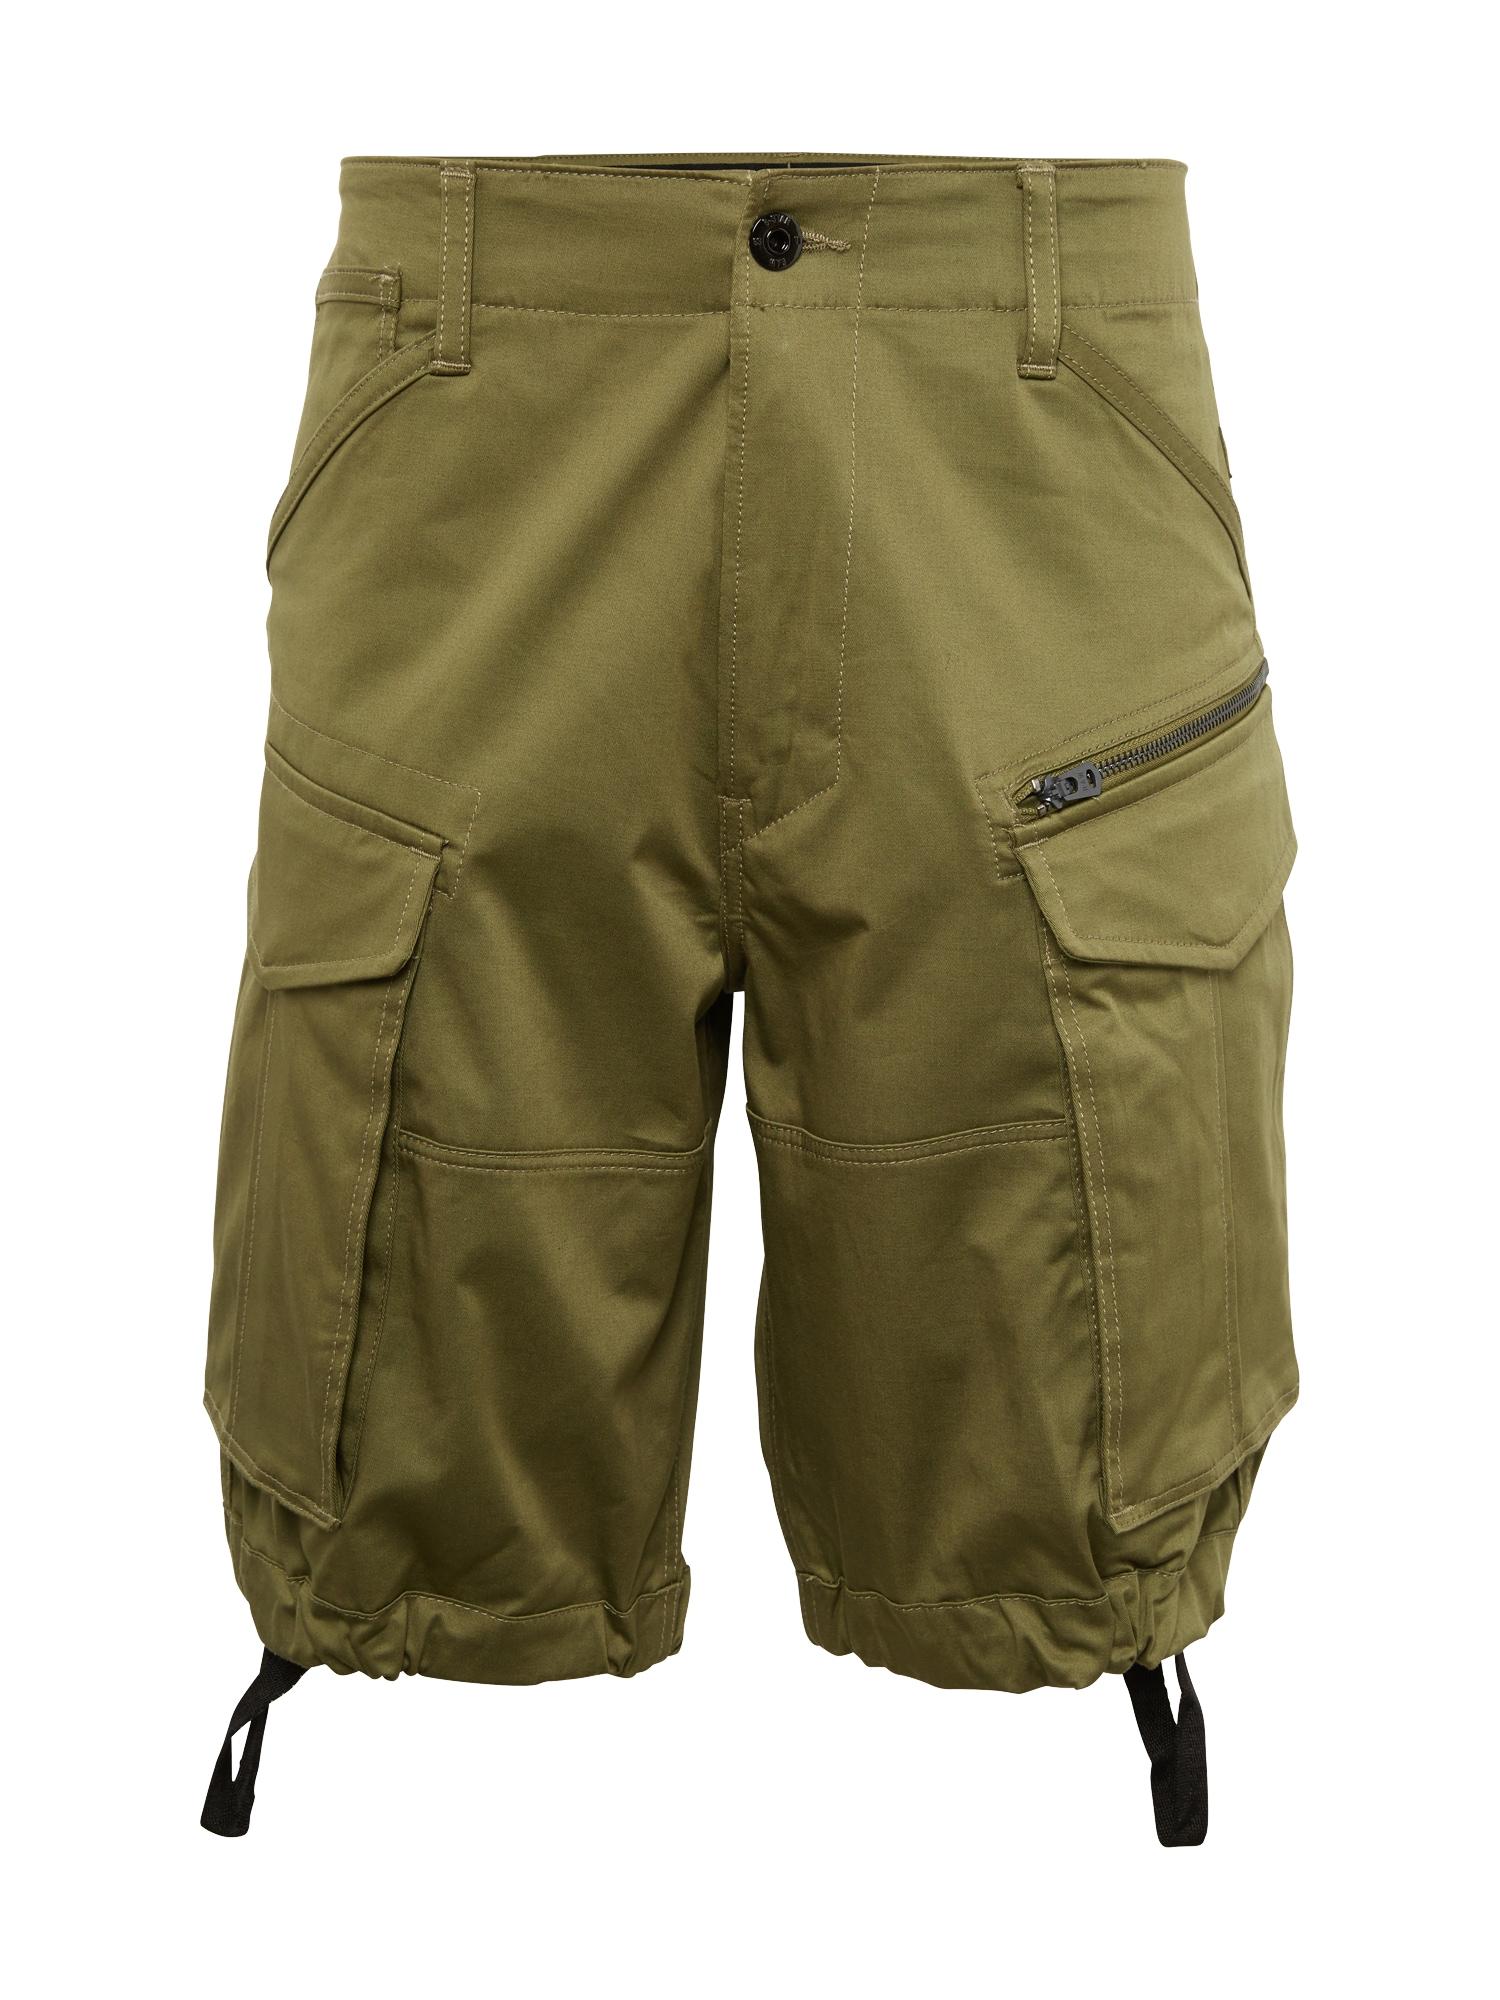 G-Star RAW Laisvo stiliaus kelnės 'Rovic' tamsiai žalia